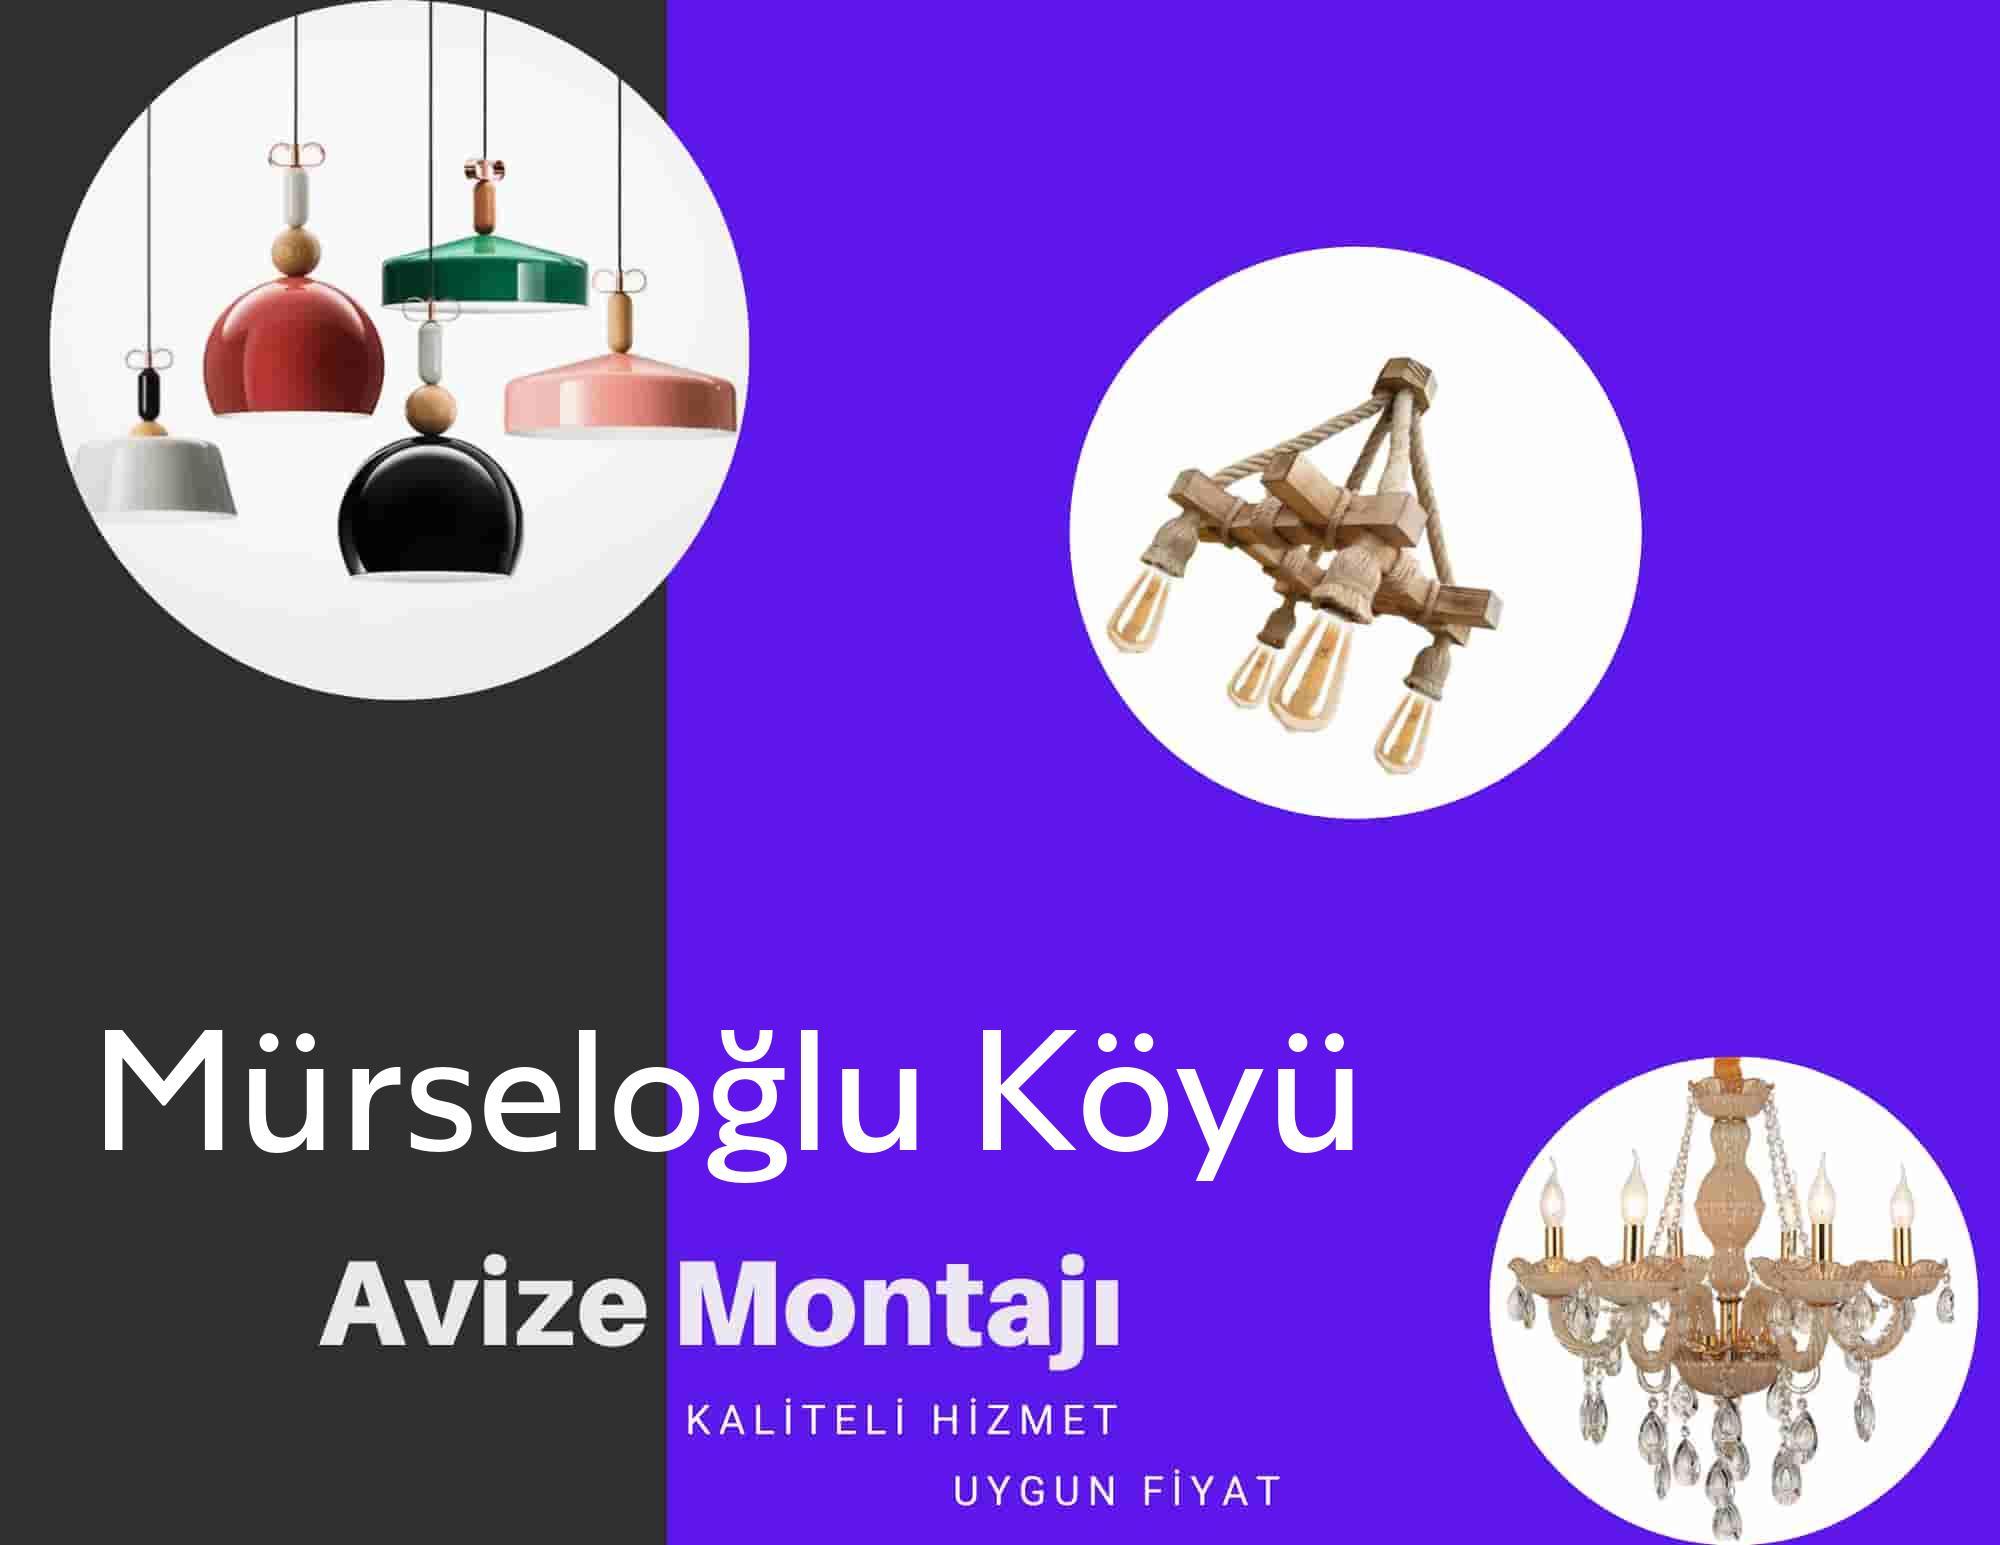 Mürseloğlu Köyüde avize montajı yapan yerler arıyorsanız elektrikcicagir anında size profesyonel avize montajı ustasını yönlendirir.